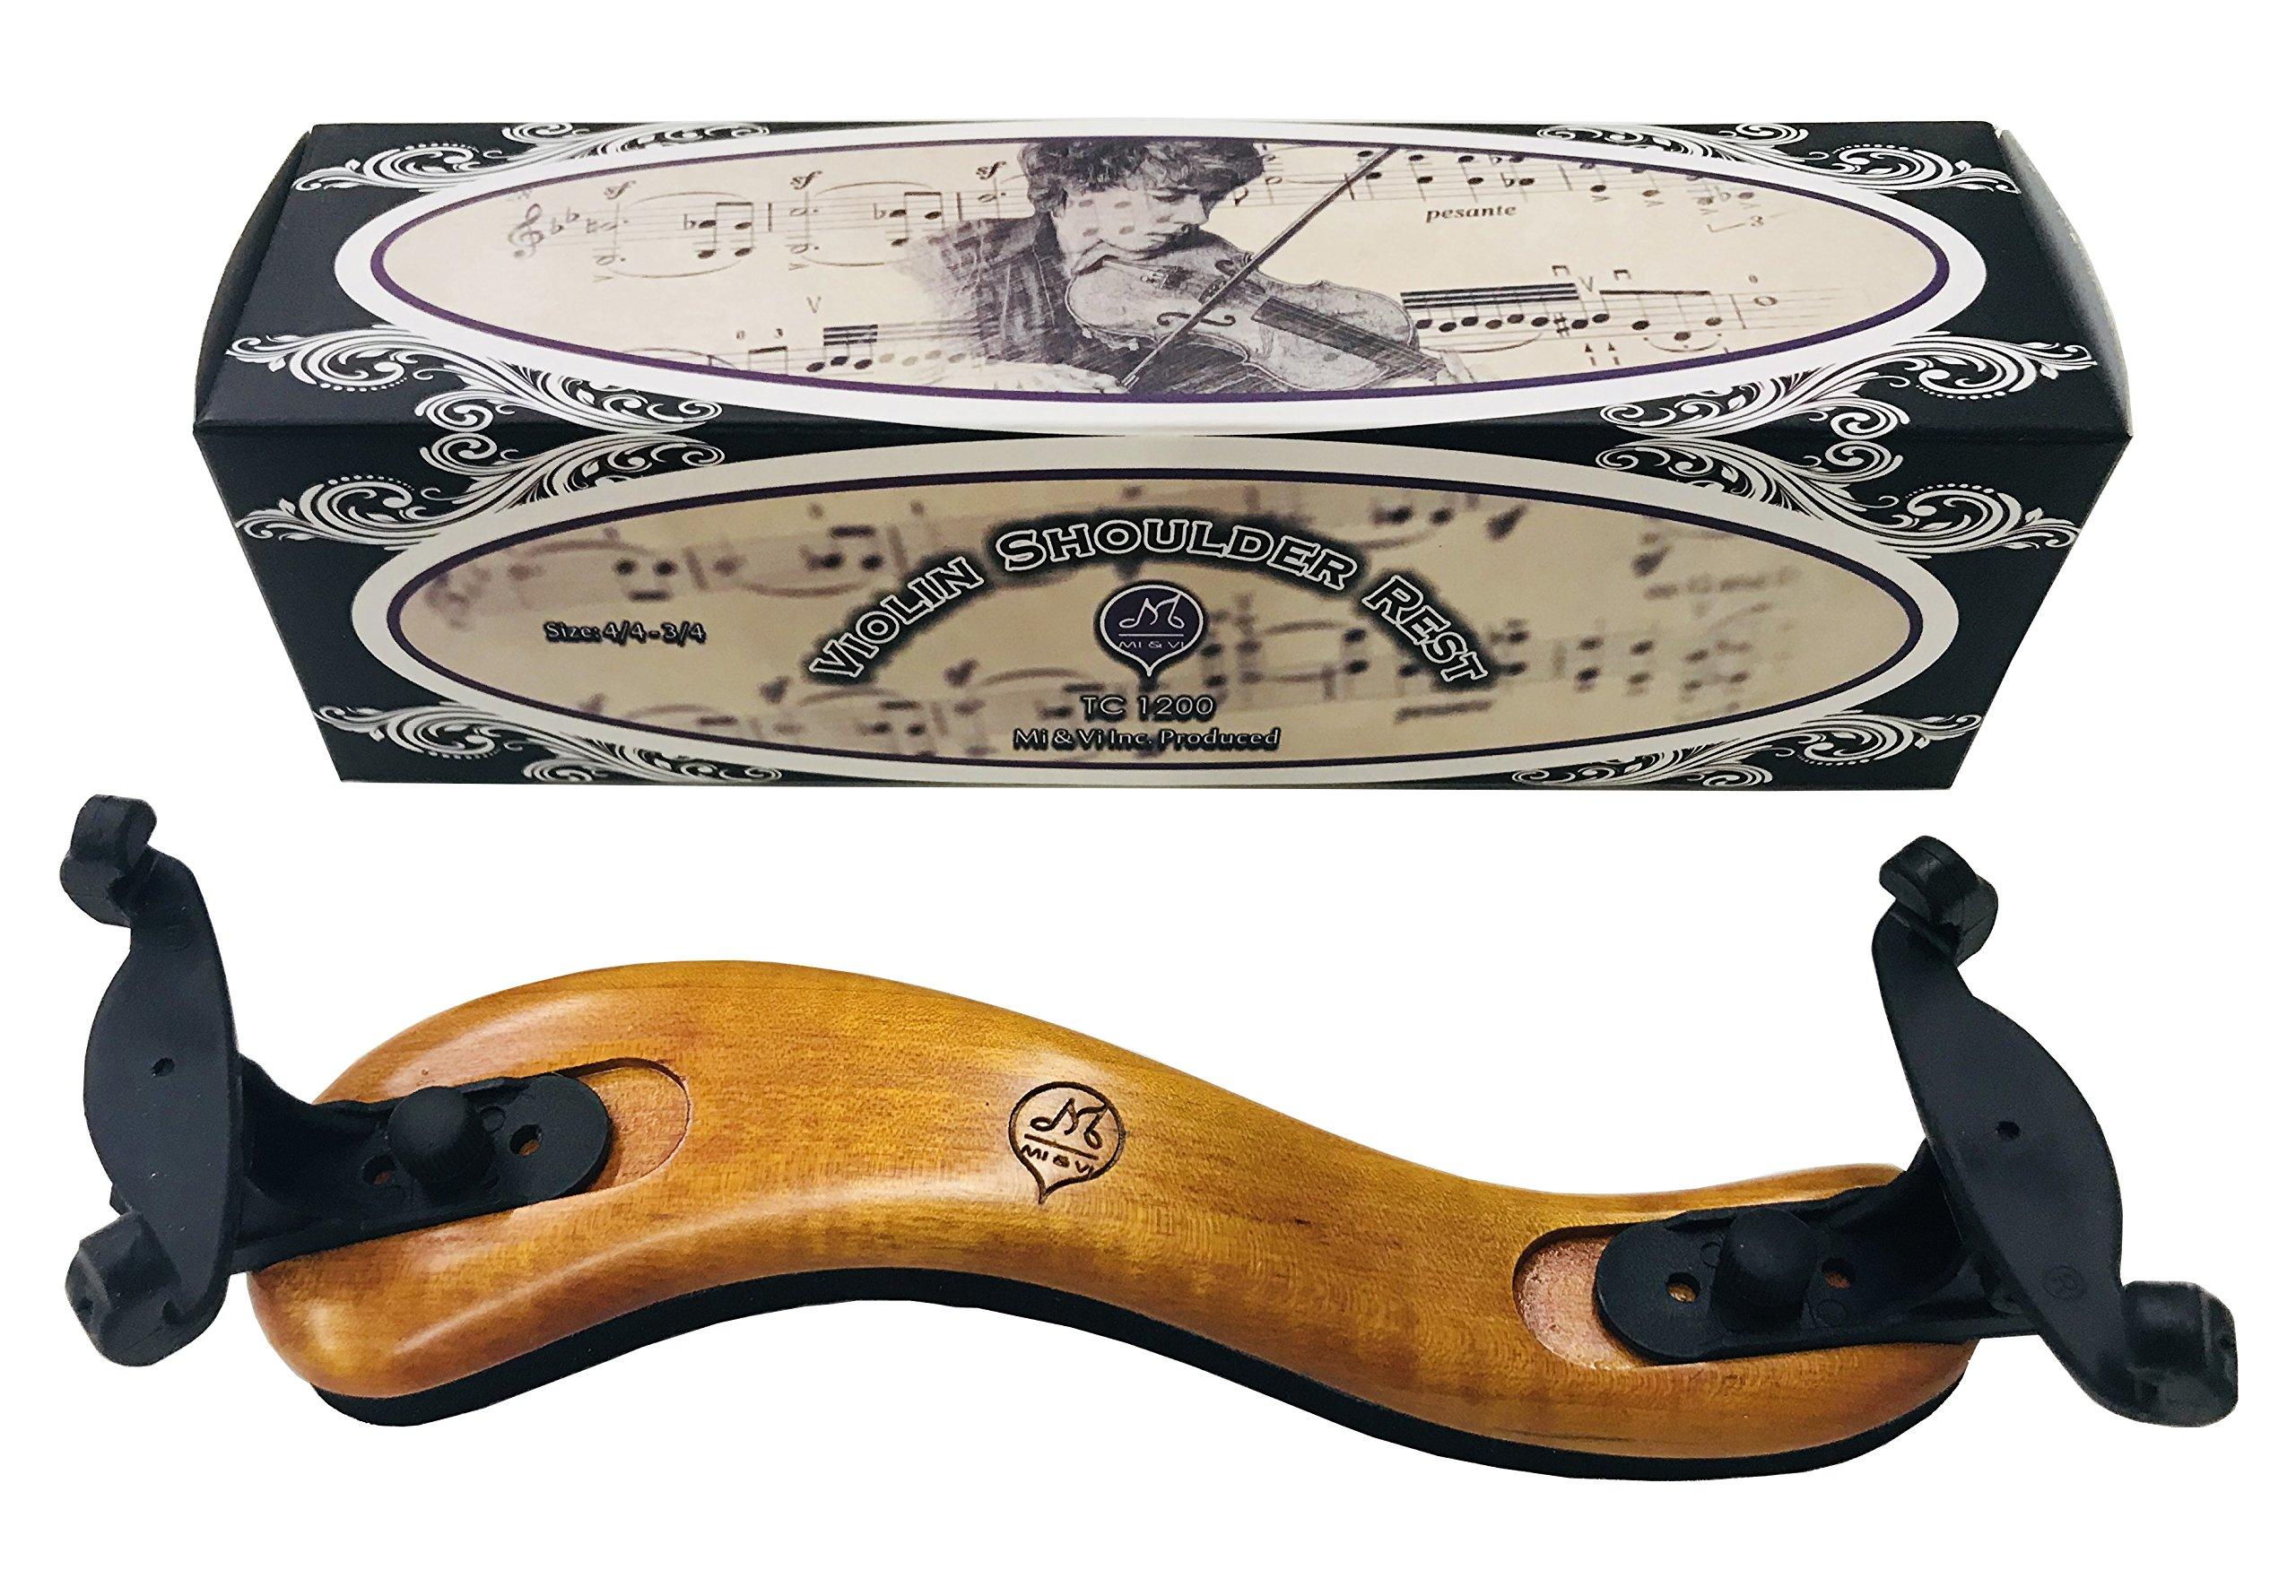 MI&VI Violin Shoulder Rest - Real Maple Wood, Round, Collapsible, Adjustable, Excellent Support Grip (Violin 4/4-3/4)